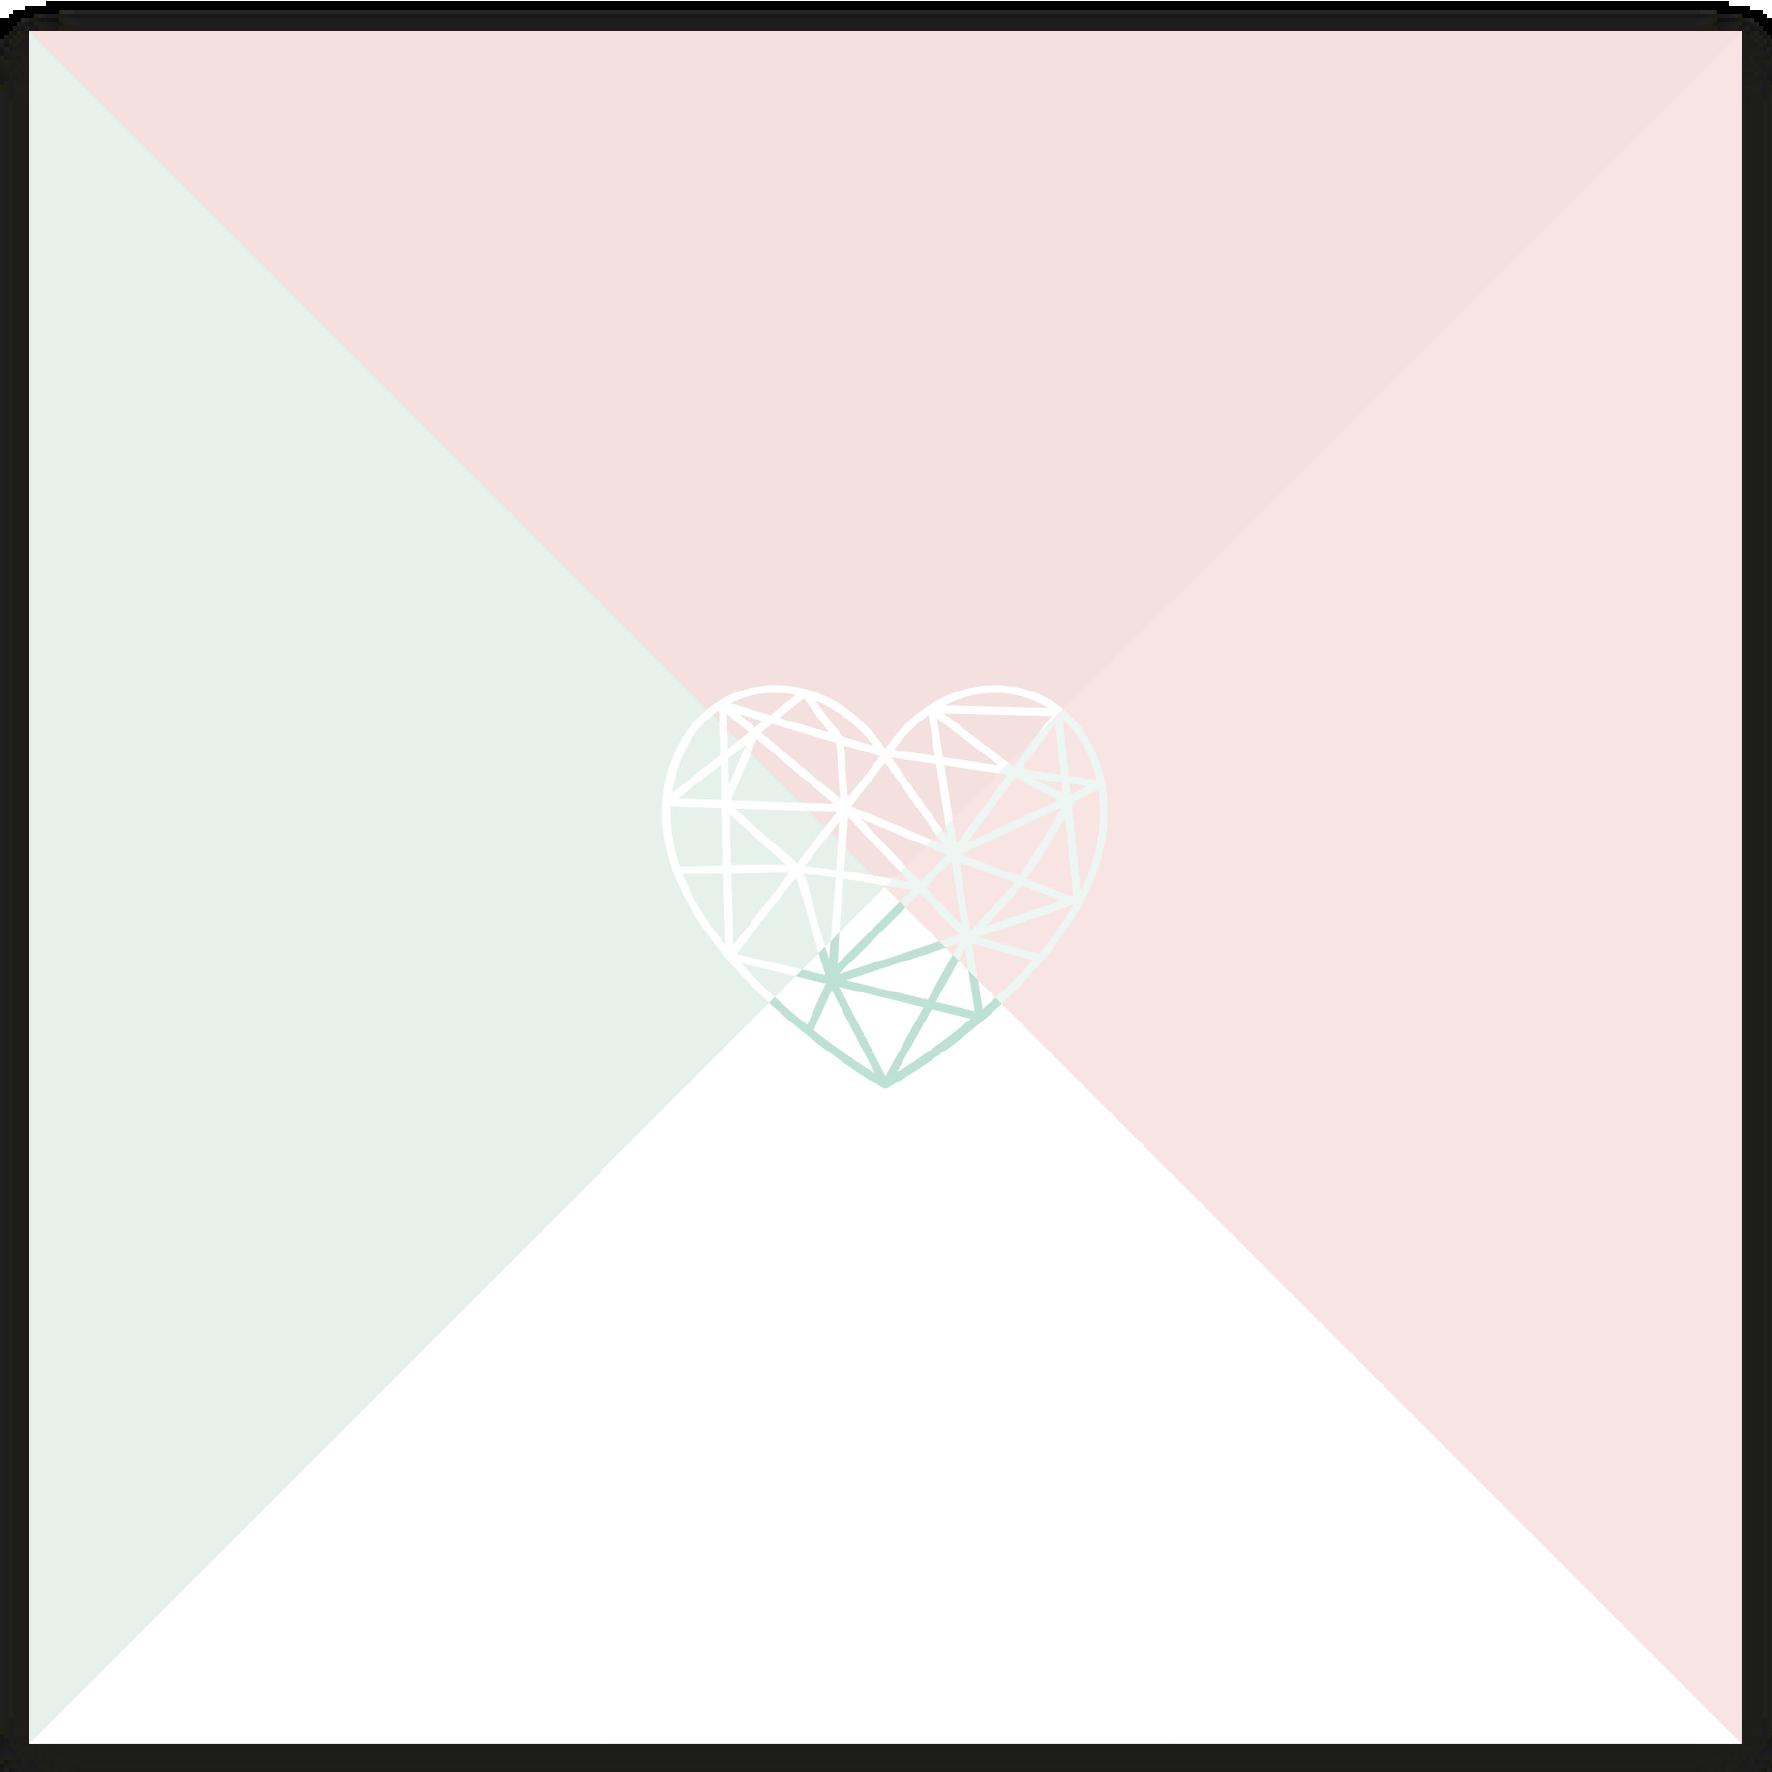 tackkort till bröllop Mint and Dusty Pink_Tackkort__bröllop_150x150